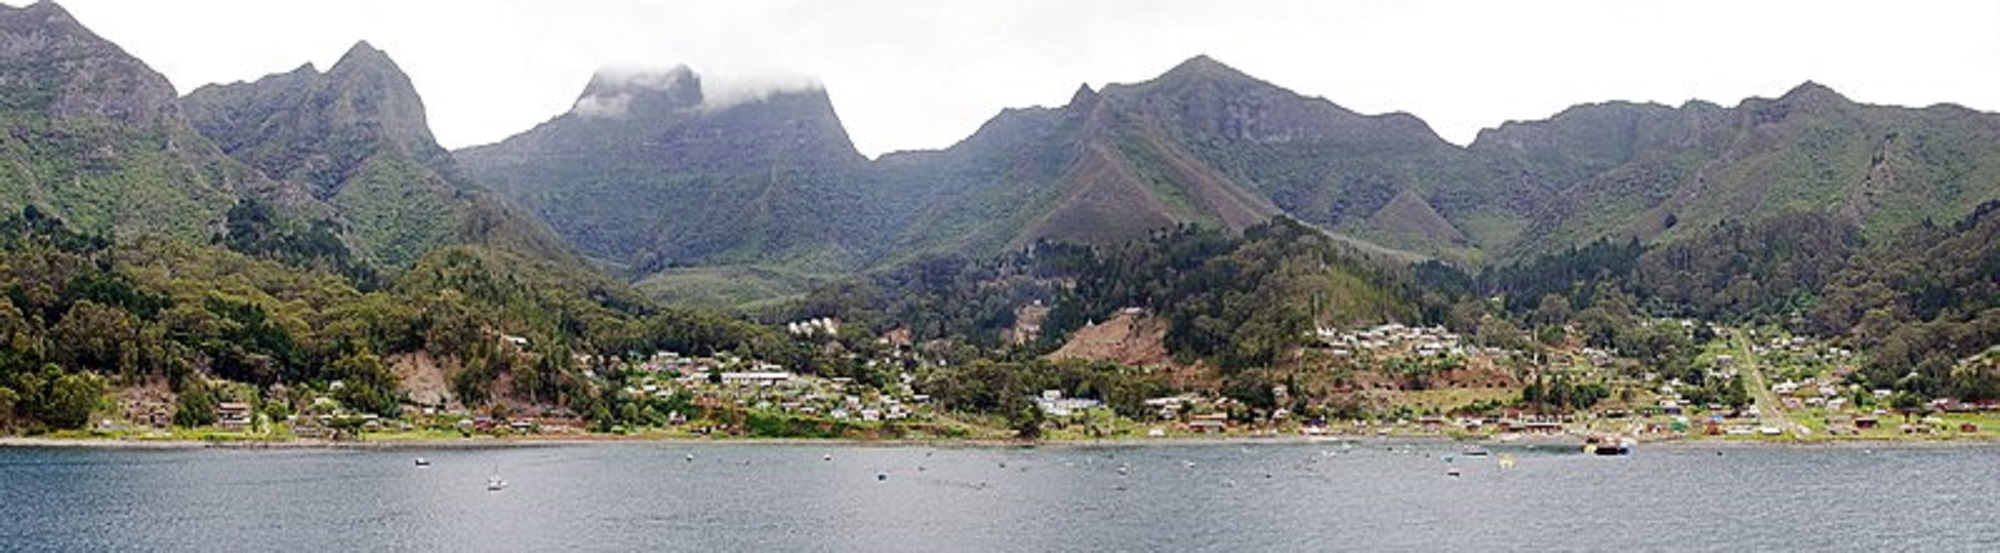 Wyspa bohatera powieści podróżniczo-przygodowej Robinsona Cruzoe (fot. Wikipedia)